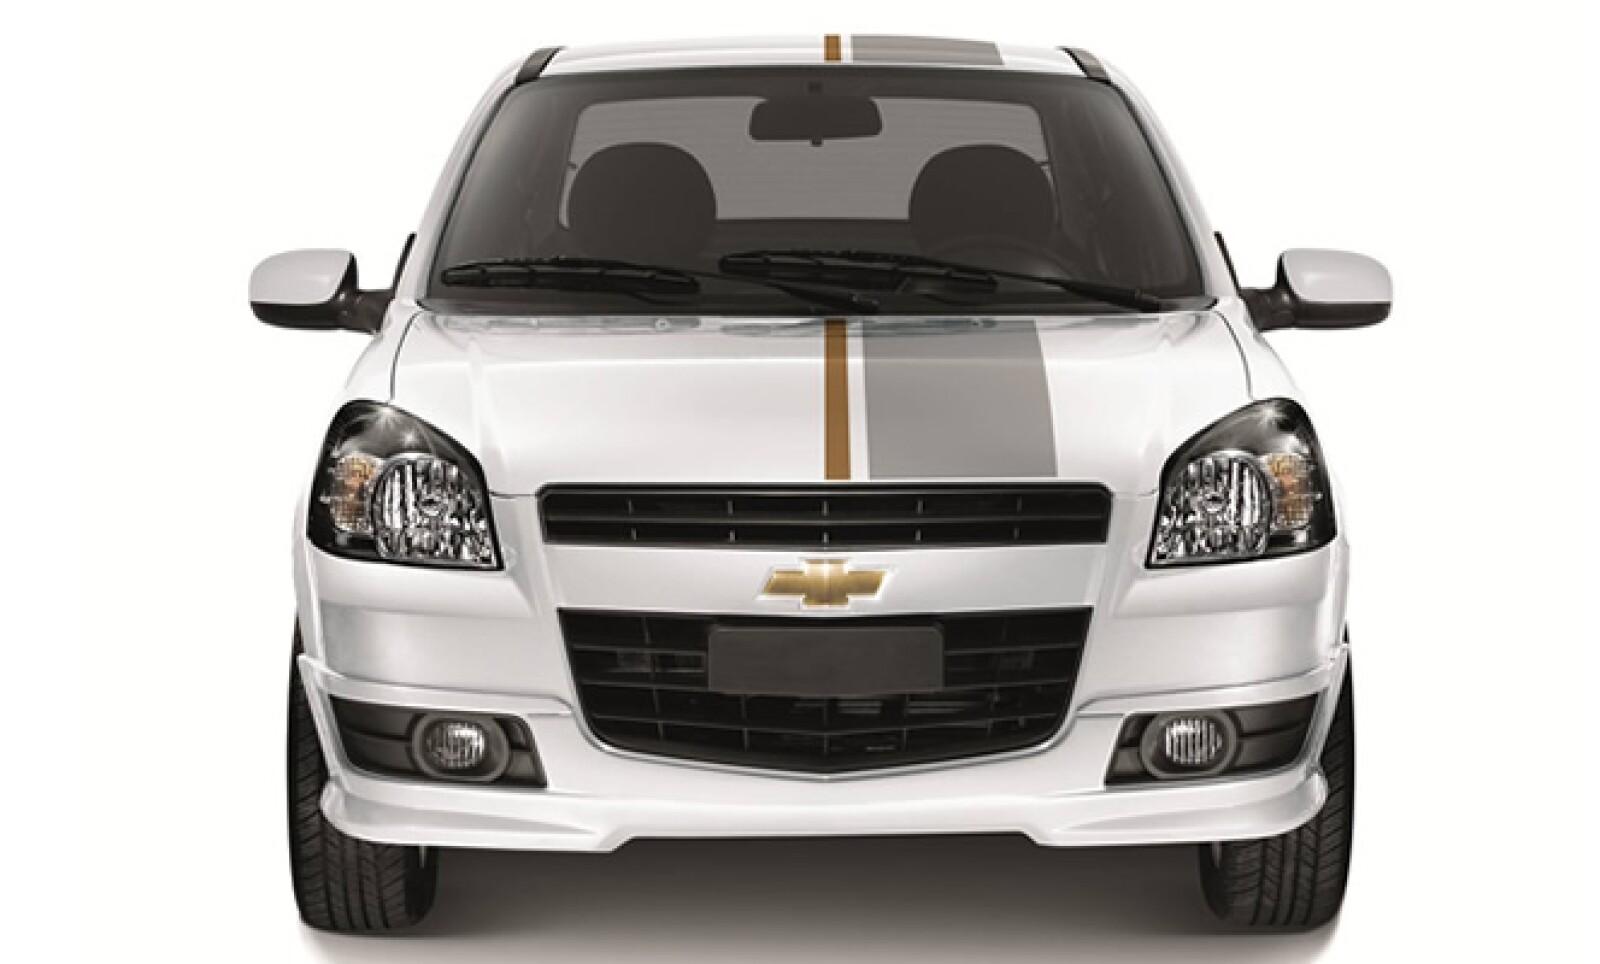 GM despide a este modelo con la edición especial del Chevy Joy 2012, que estará disponible en concesionarias con un precio de 144,000 pesos.